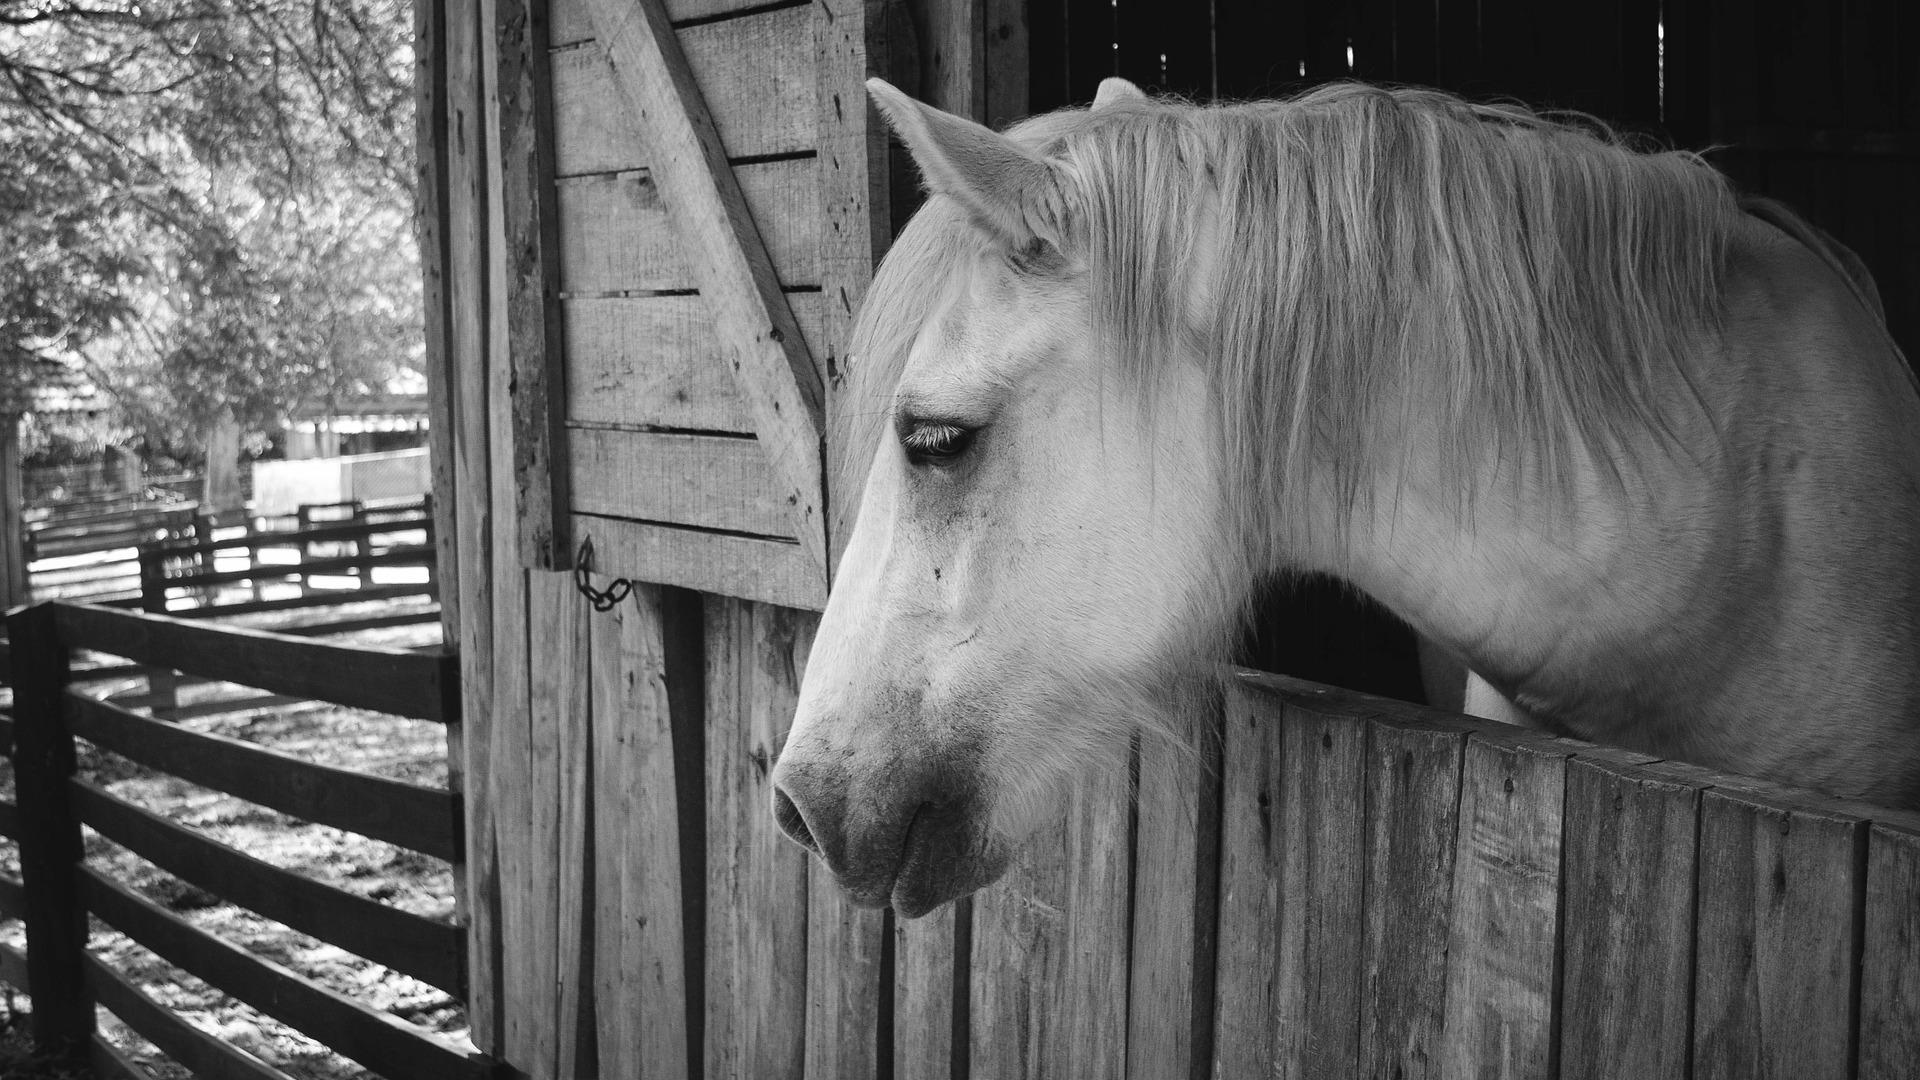 Gyvūnų gerovės moksliniai tyrimai ir edukacija